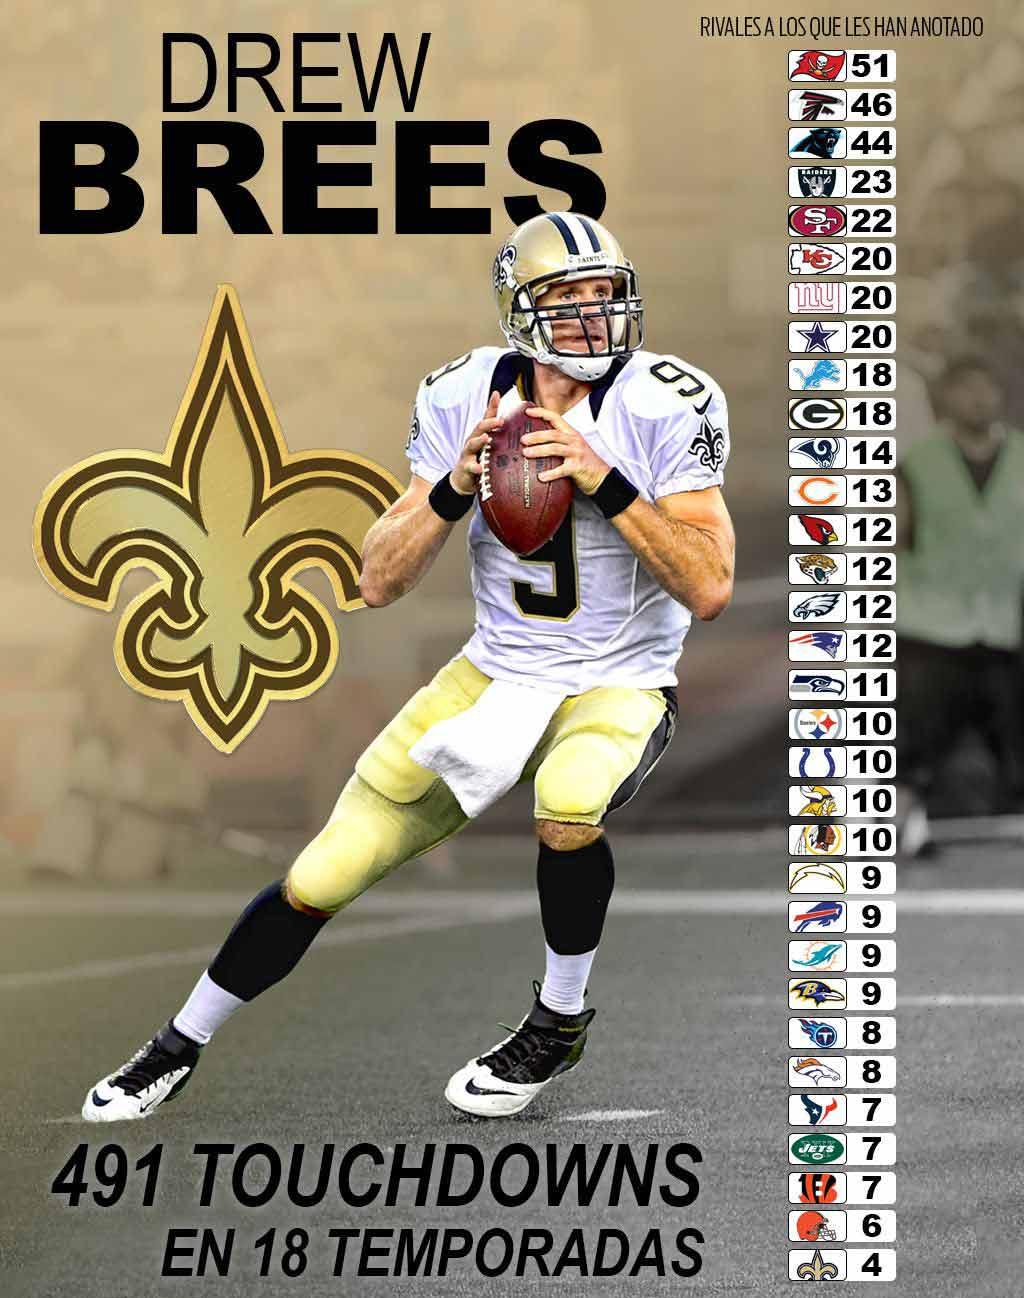 Los touchdowns que le ha anotado a cada equipo